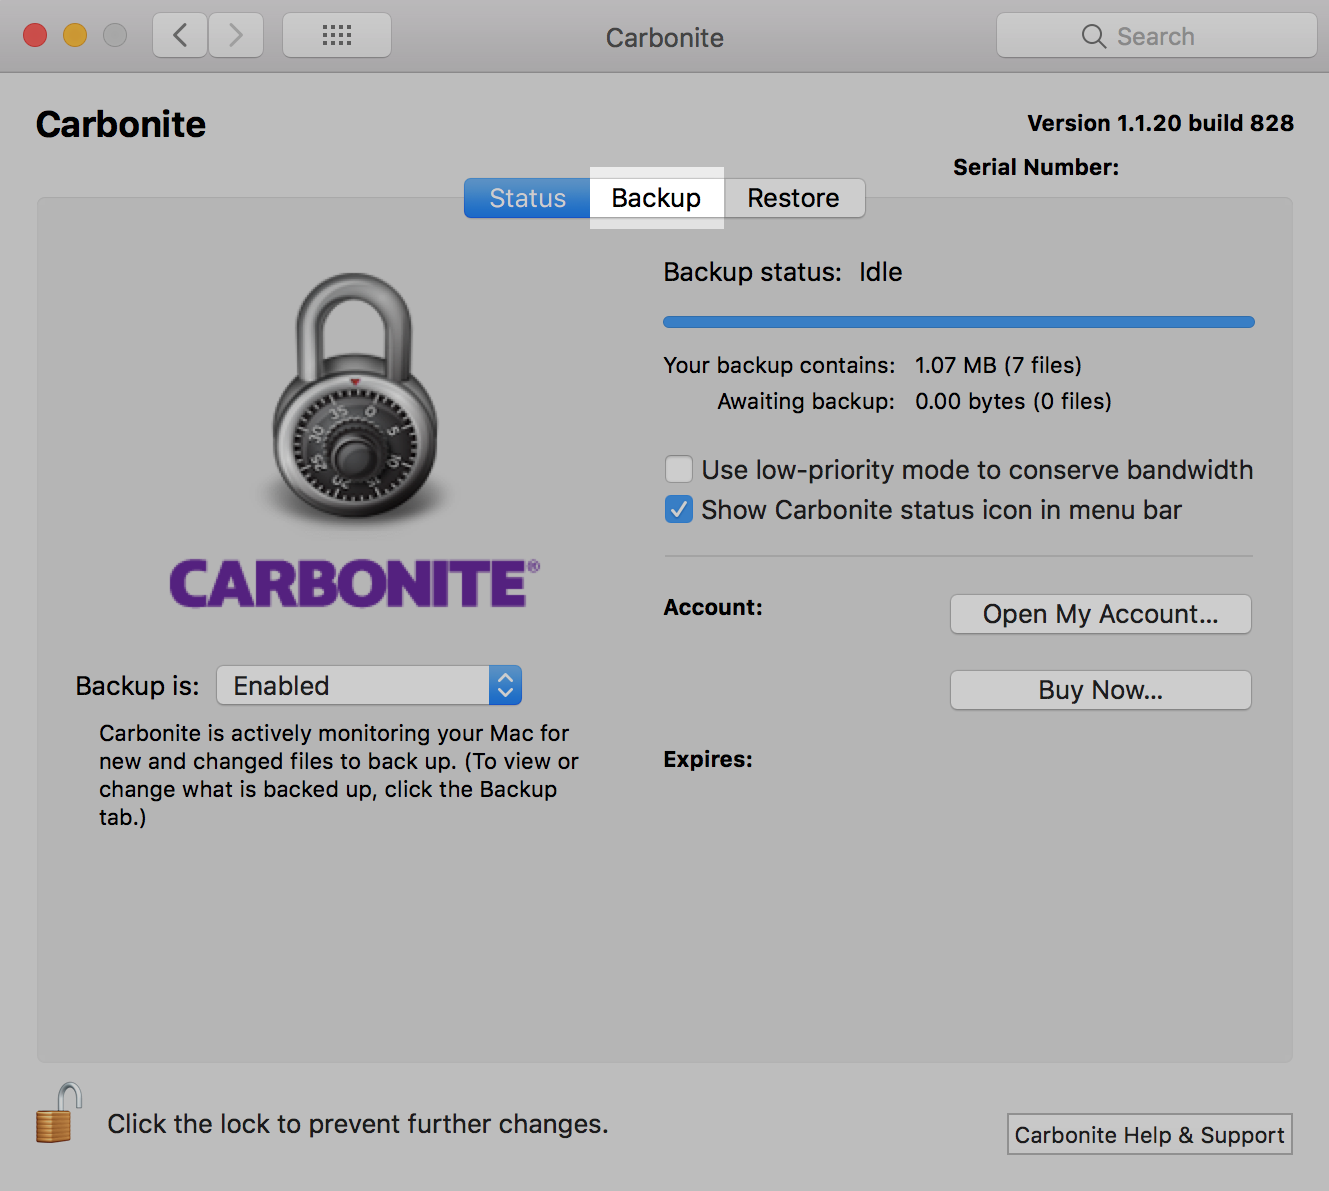 Carbonite Mac Client: Backup tab